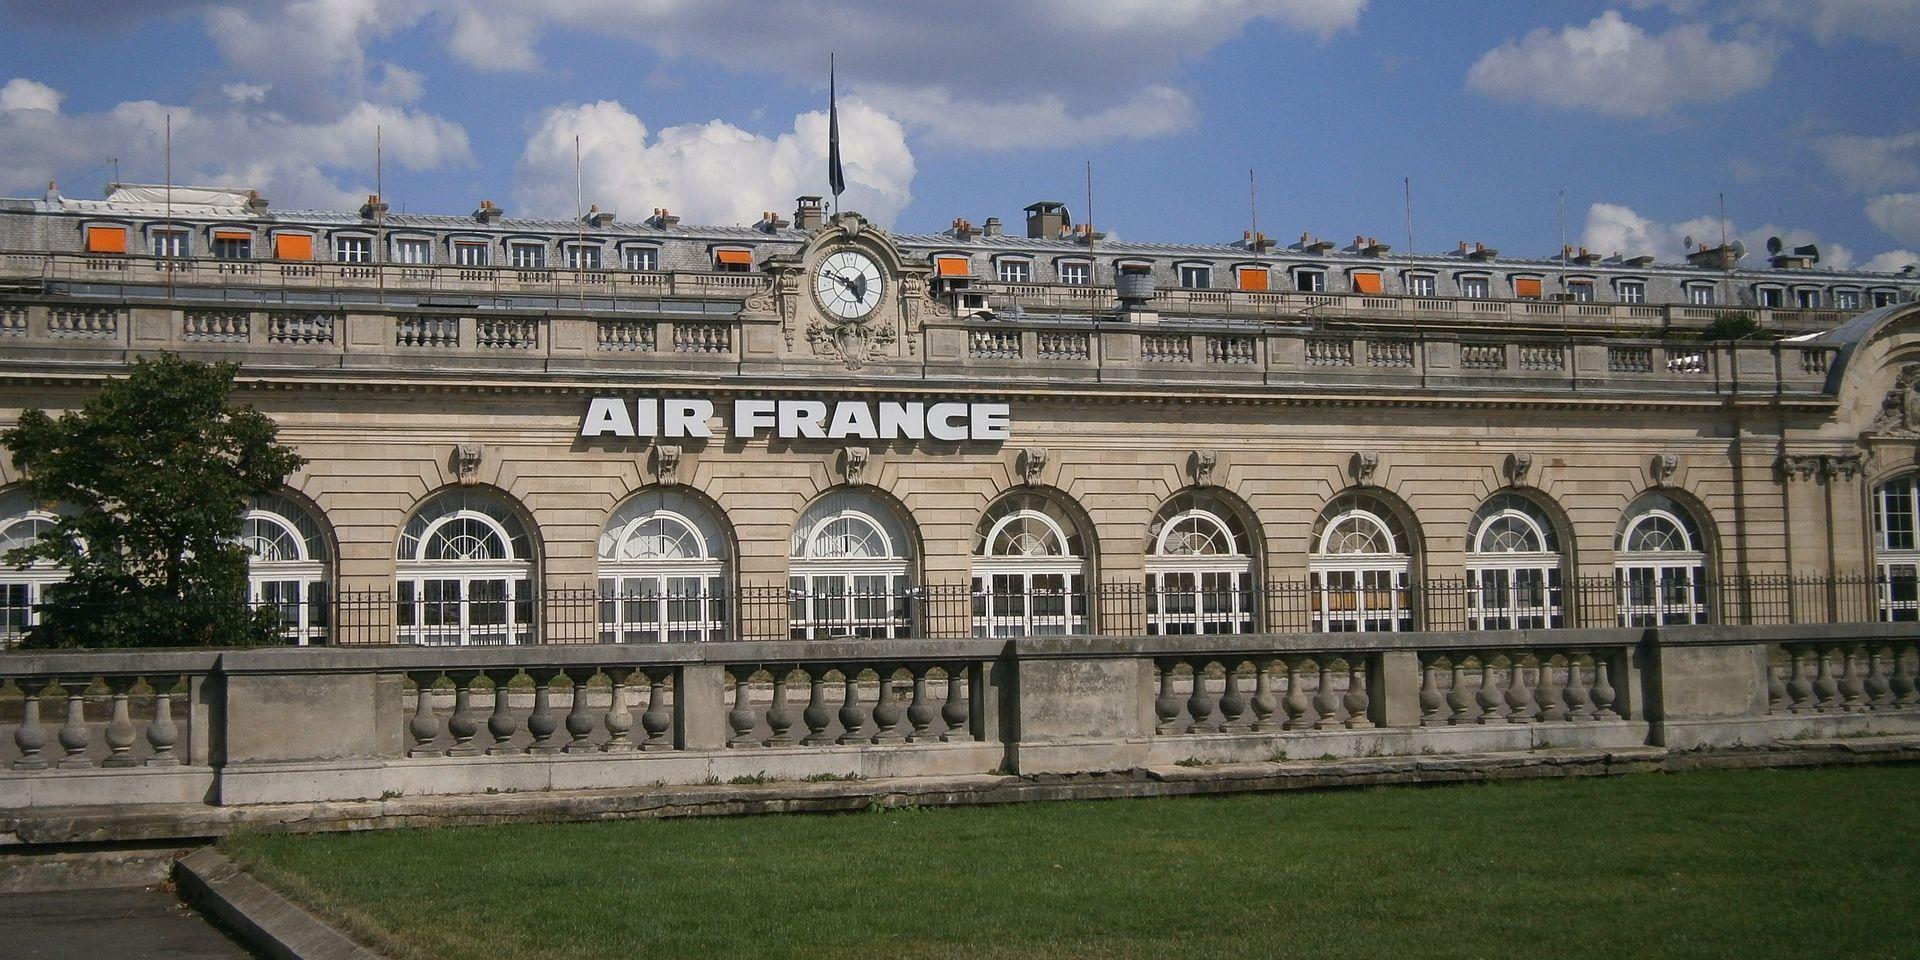 AIR FRANCE Zbog terorističkih napada u Parizu aviokompanija izgubila 50 milijuna eura